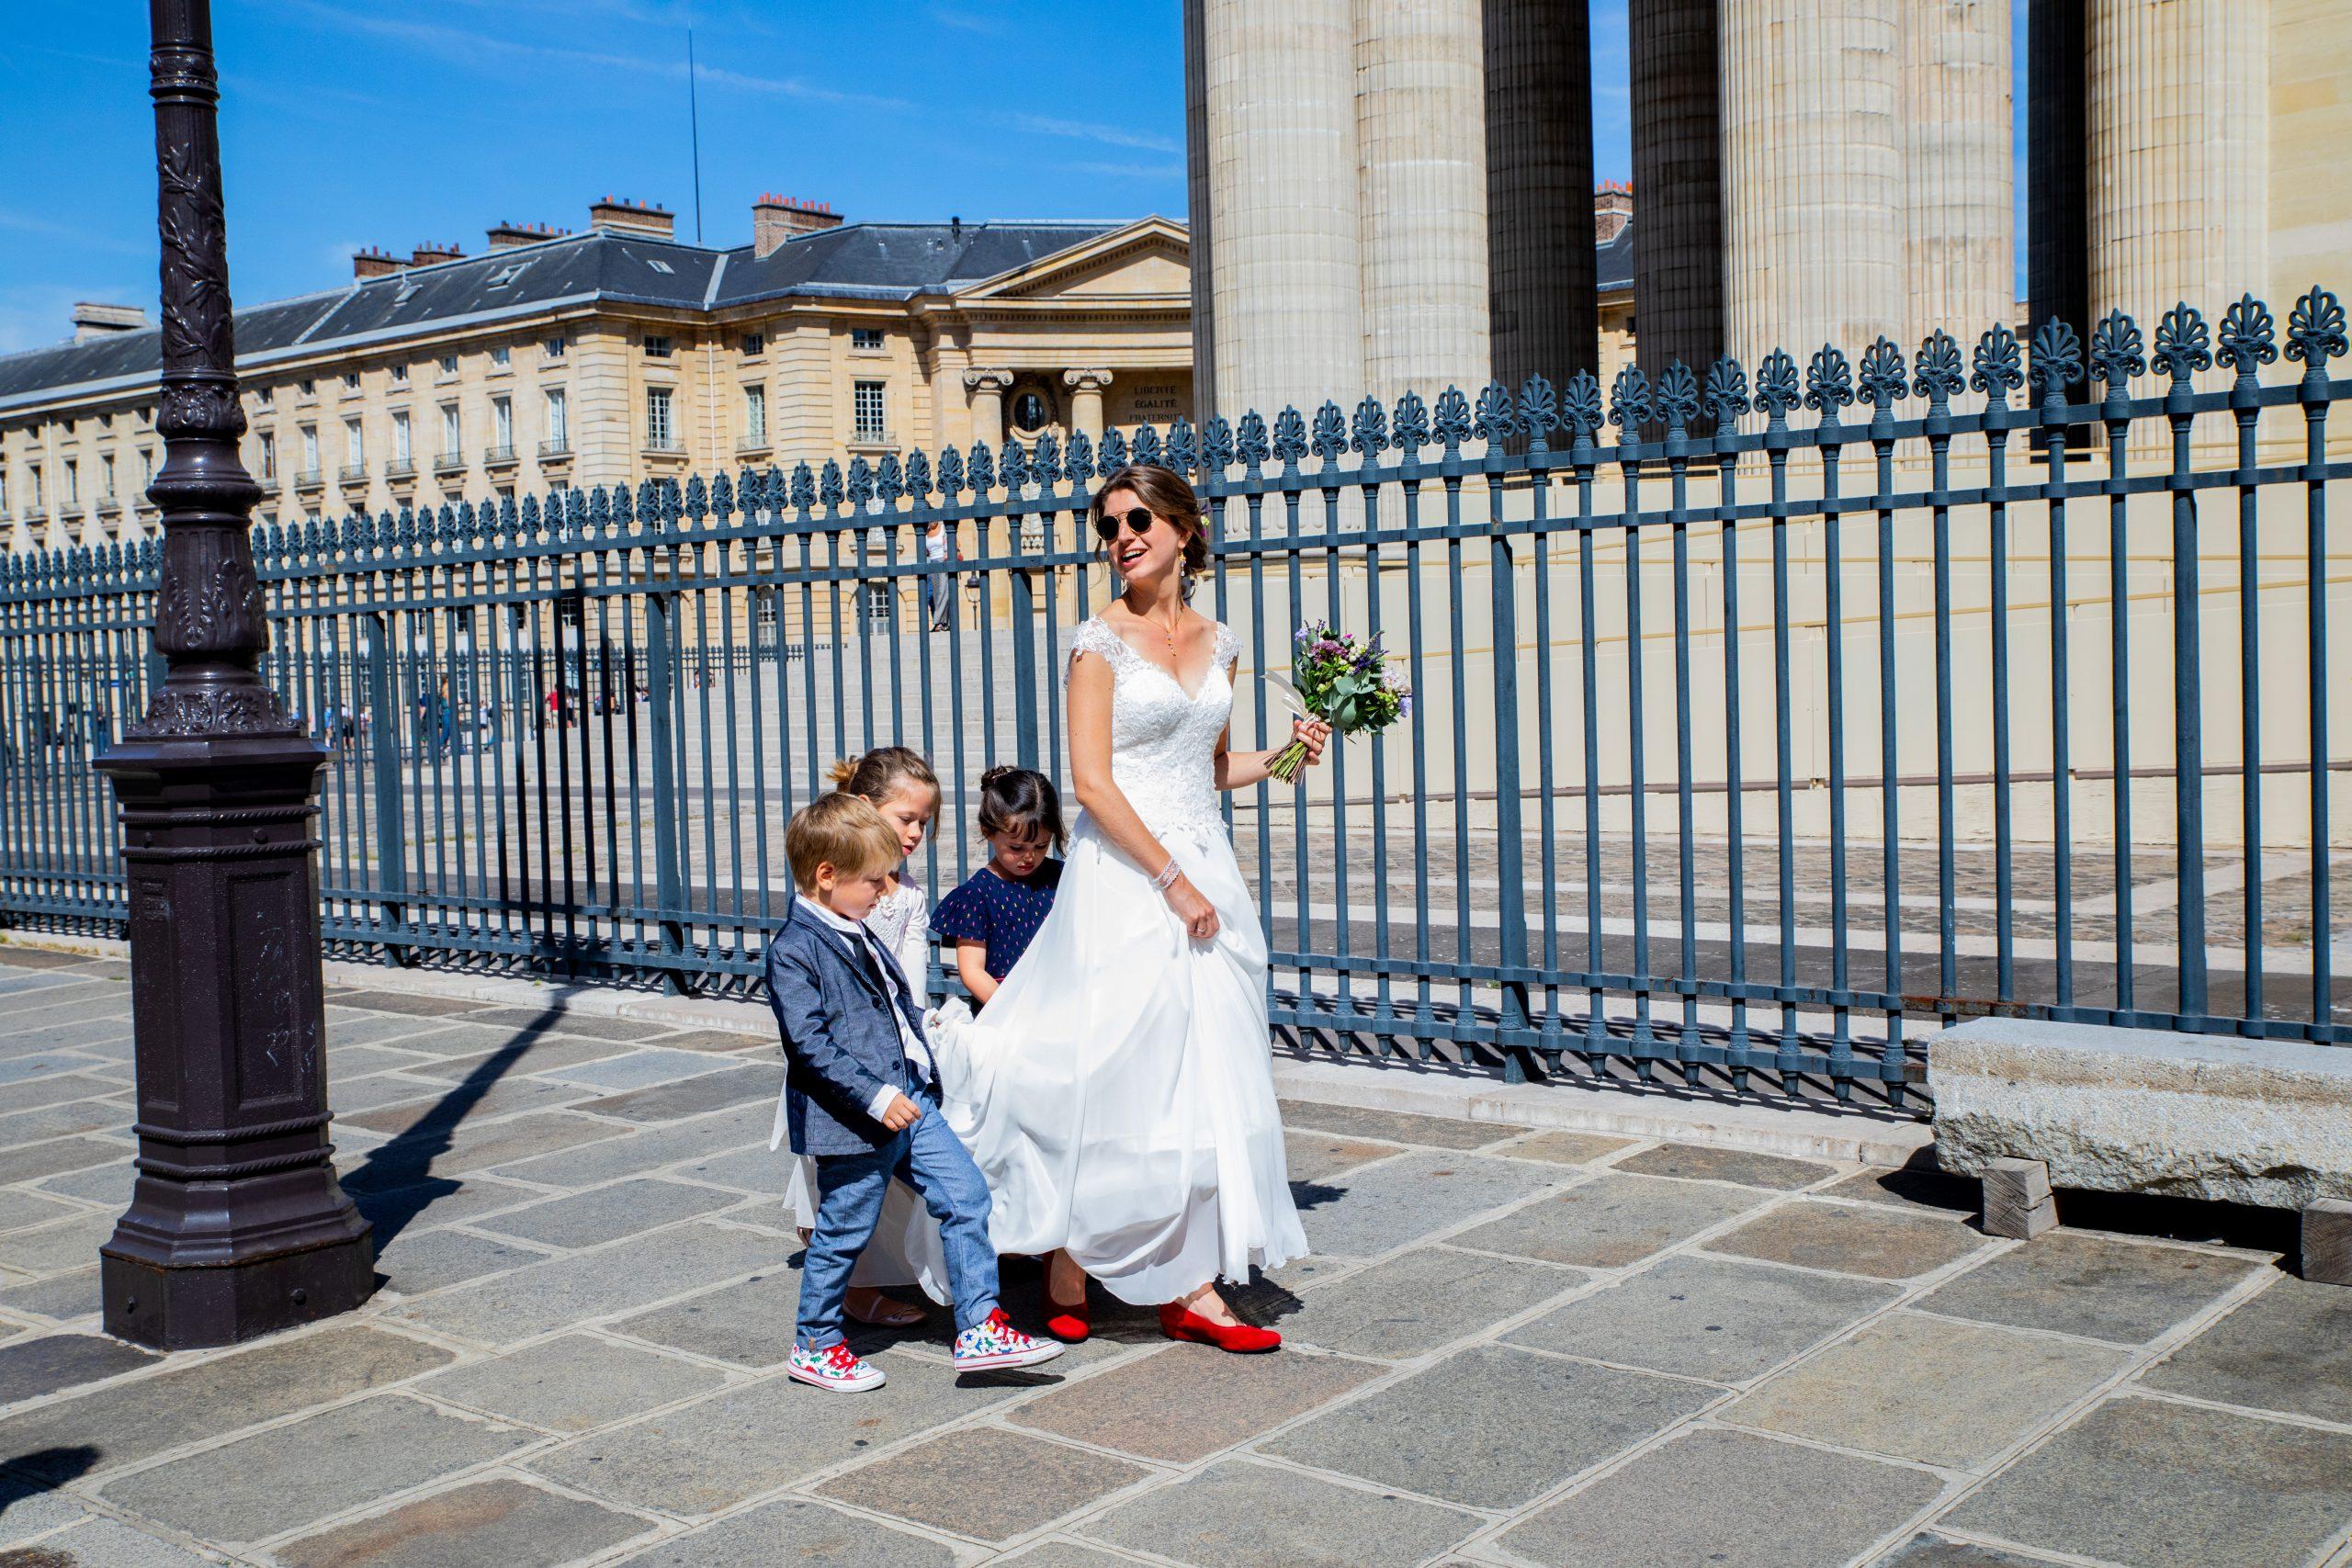 Photographe mariage civil - Paris - Photographe mariage - Paris - Montpellier - Nice - original - Mariage Ile de France - Réception mariage - Mariage Jardins des plantes - Paris